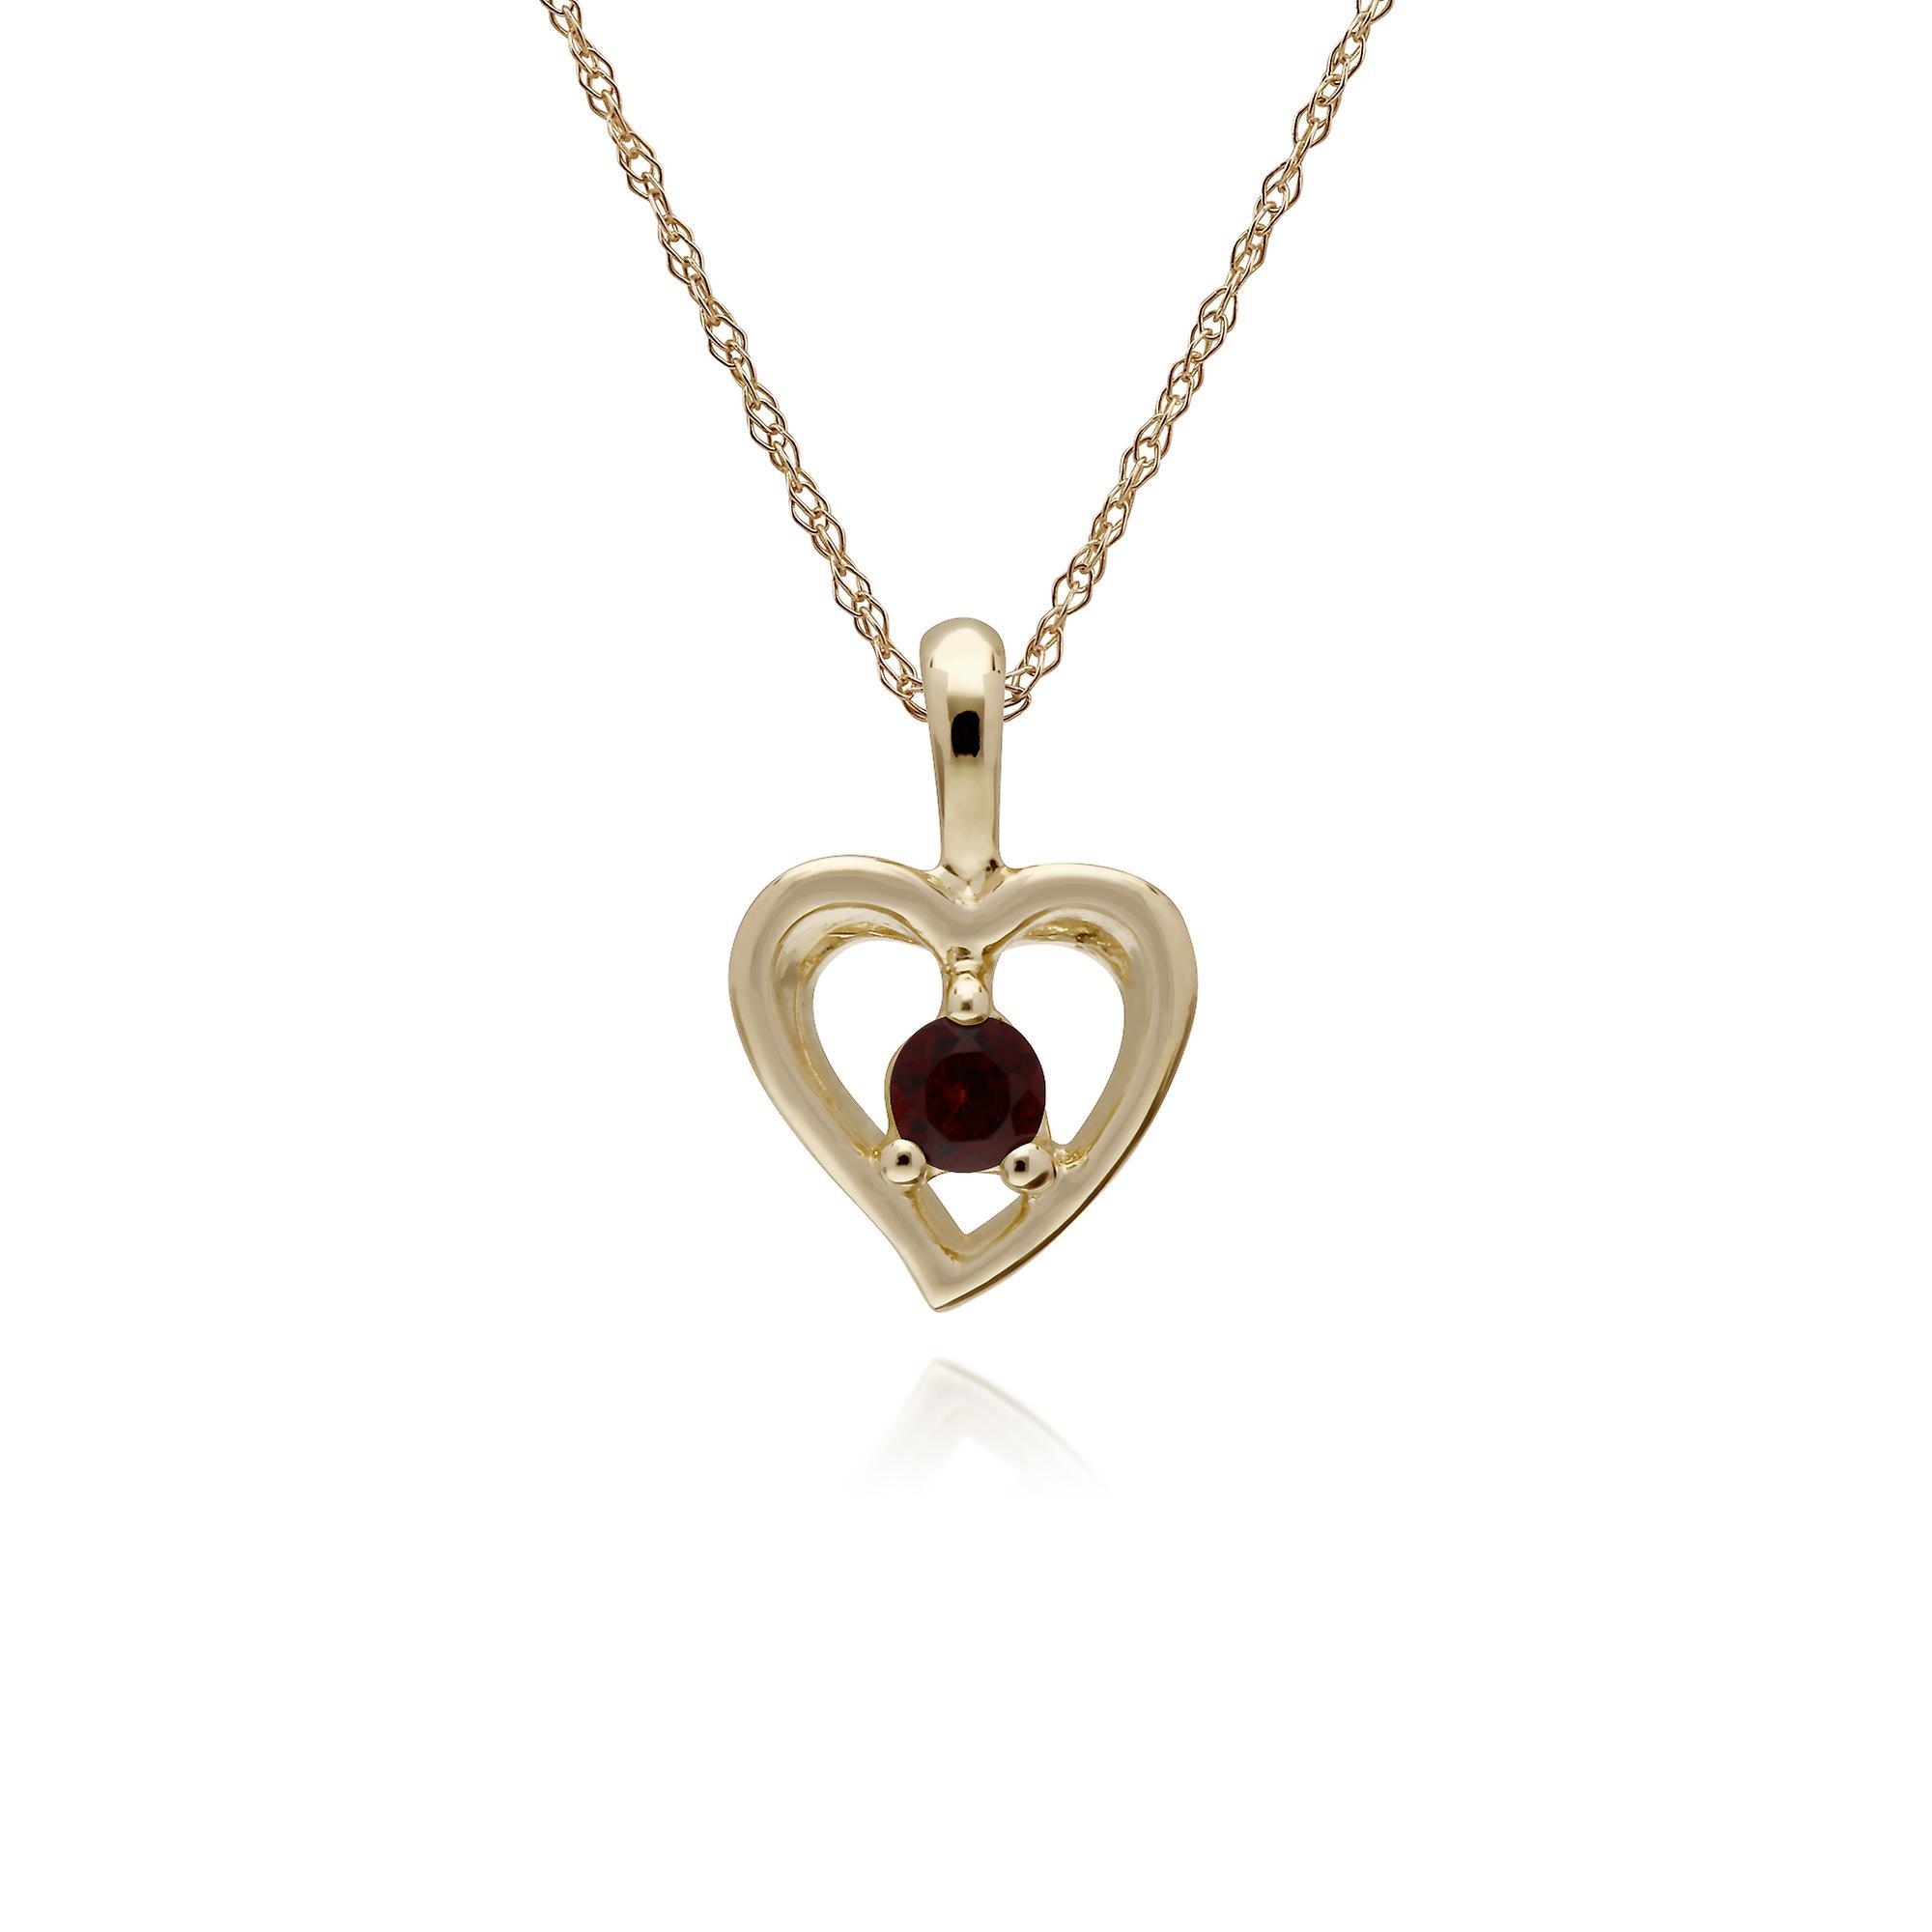 Gemondo 9ct jaune or grenat unique Pierre Heart pendentif sur chaîne de 45cm